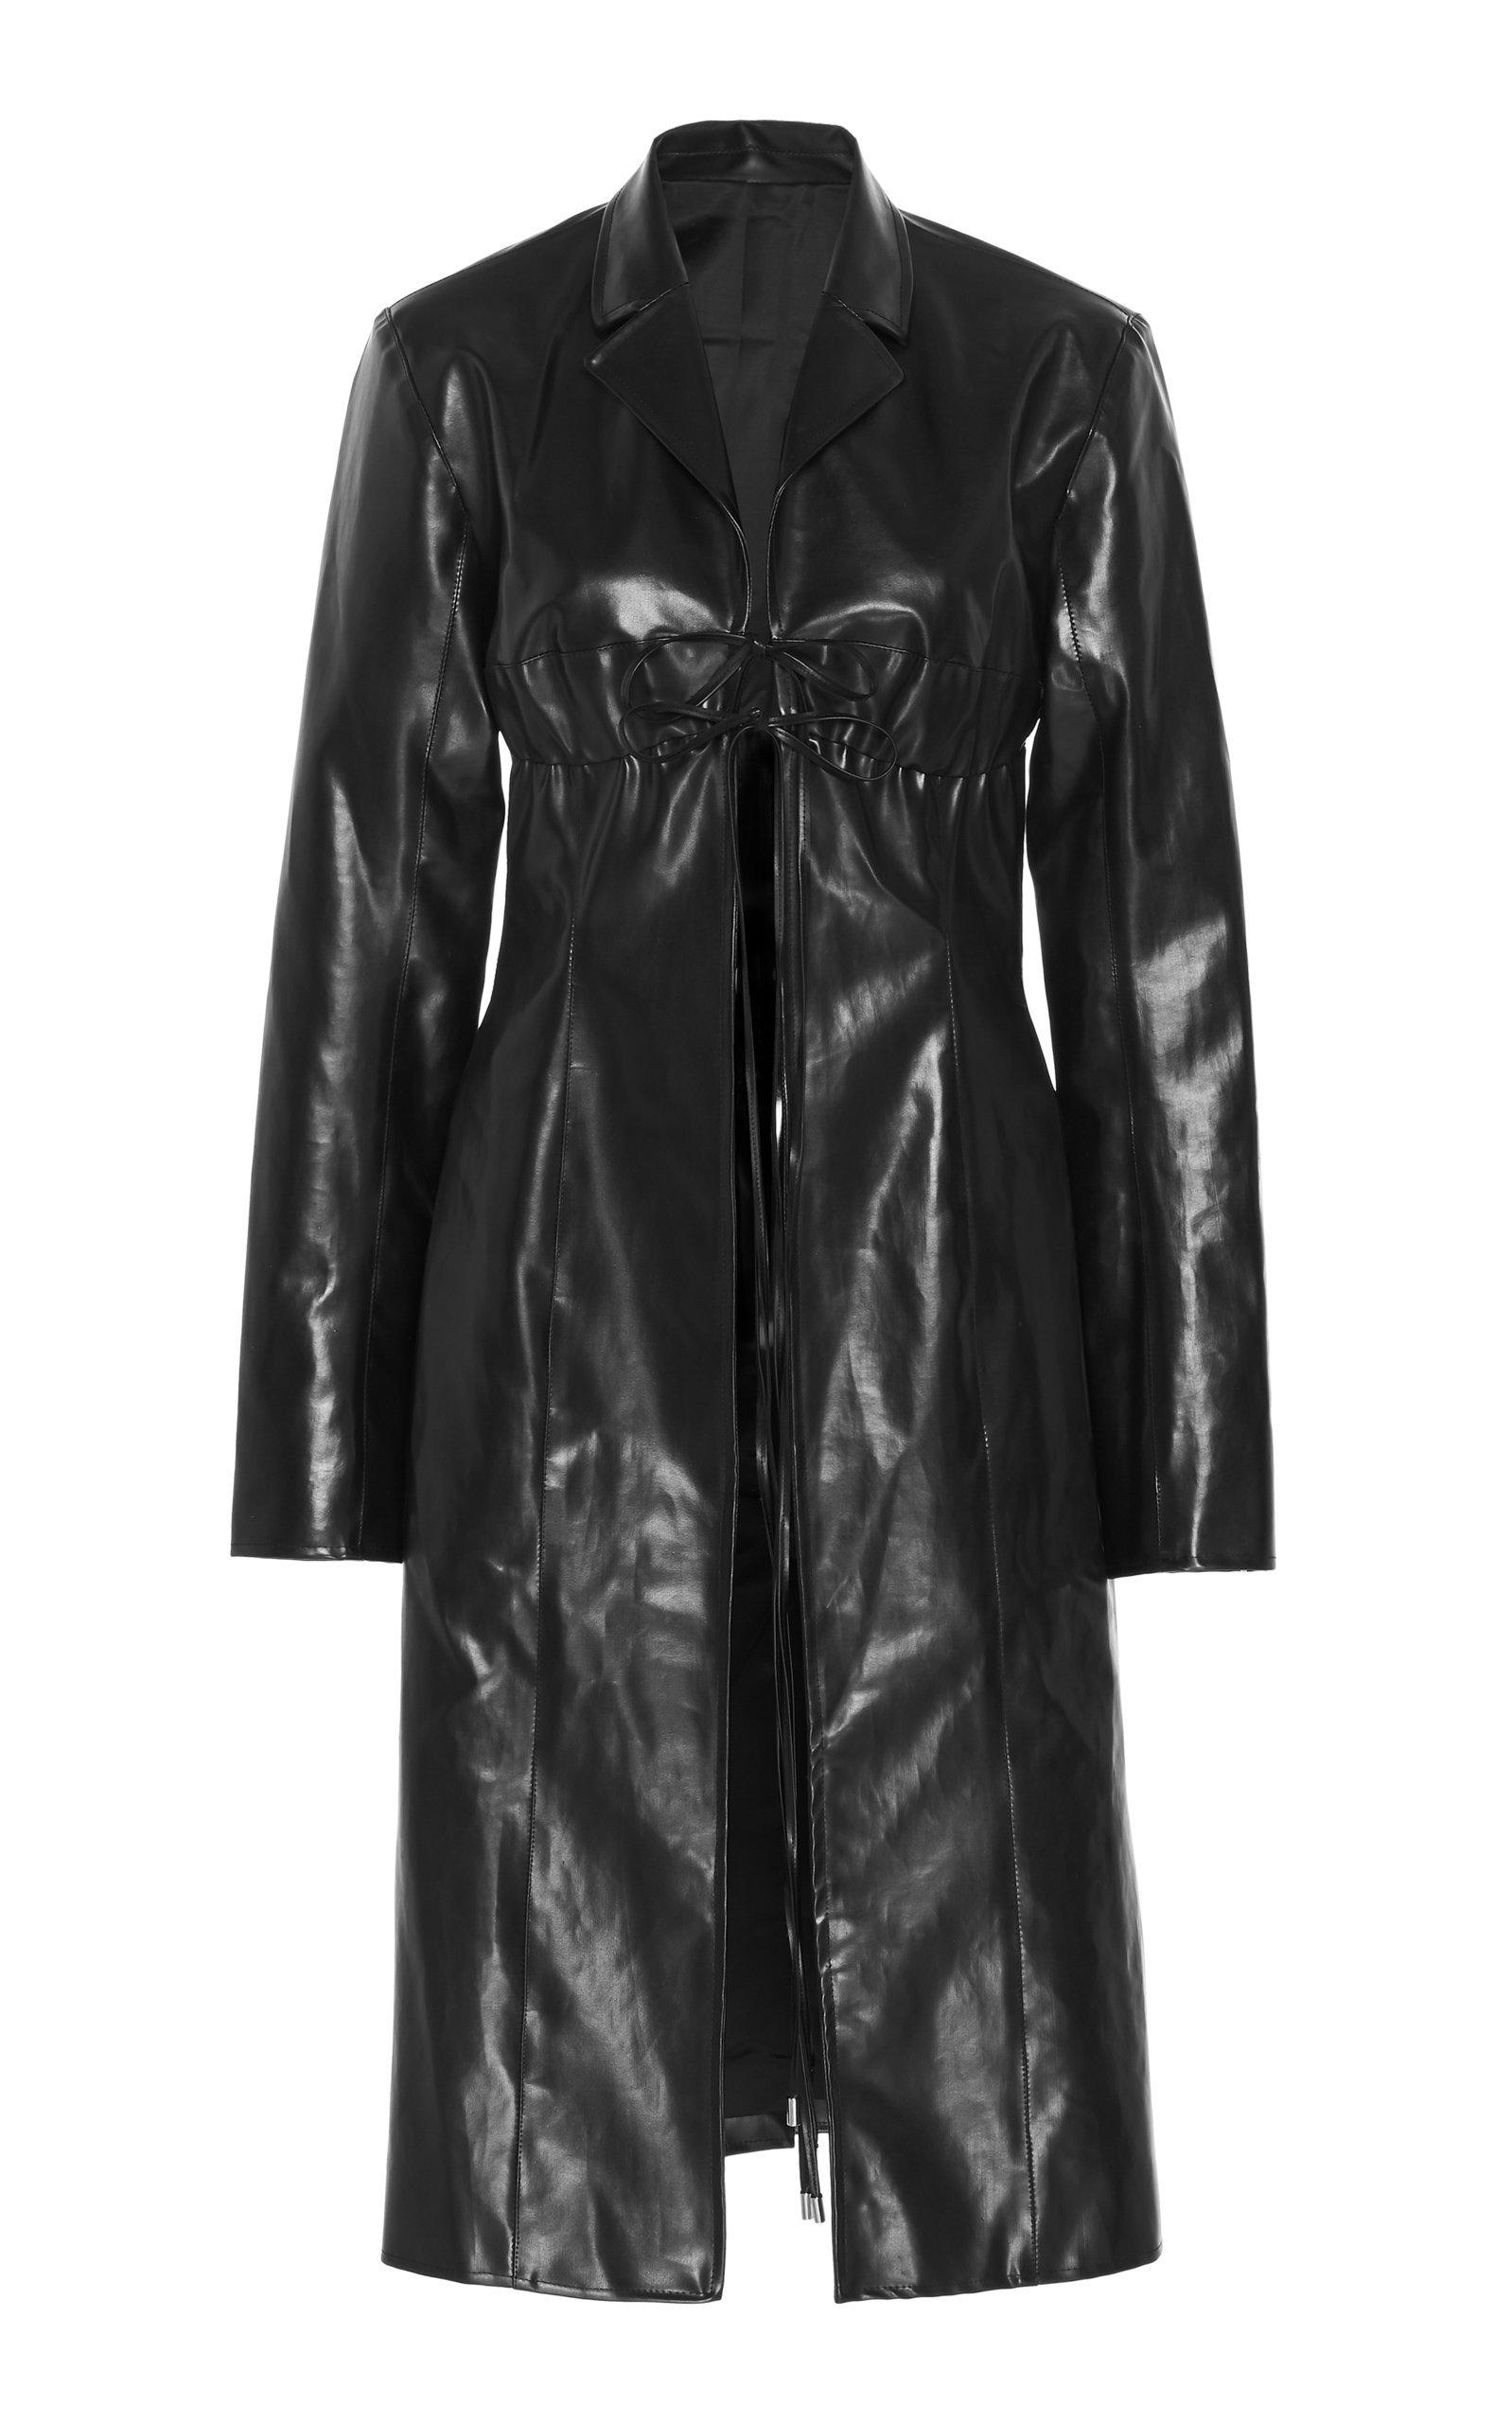 Supriya Lele Vinyl Trench Coat Size: XL